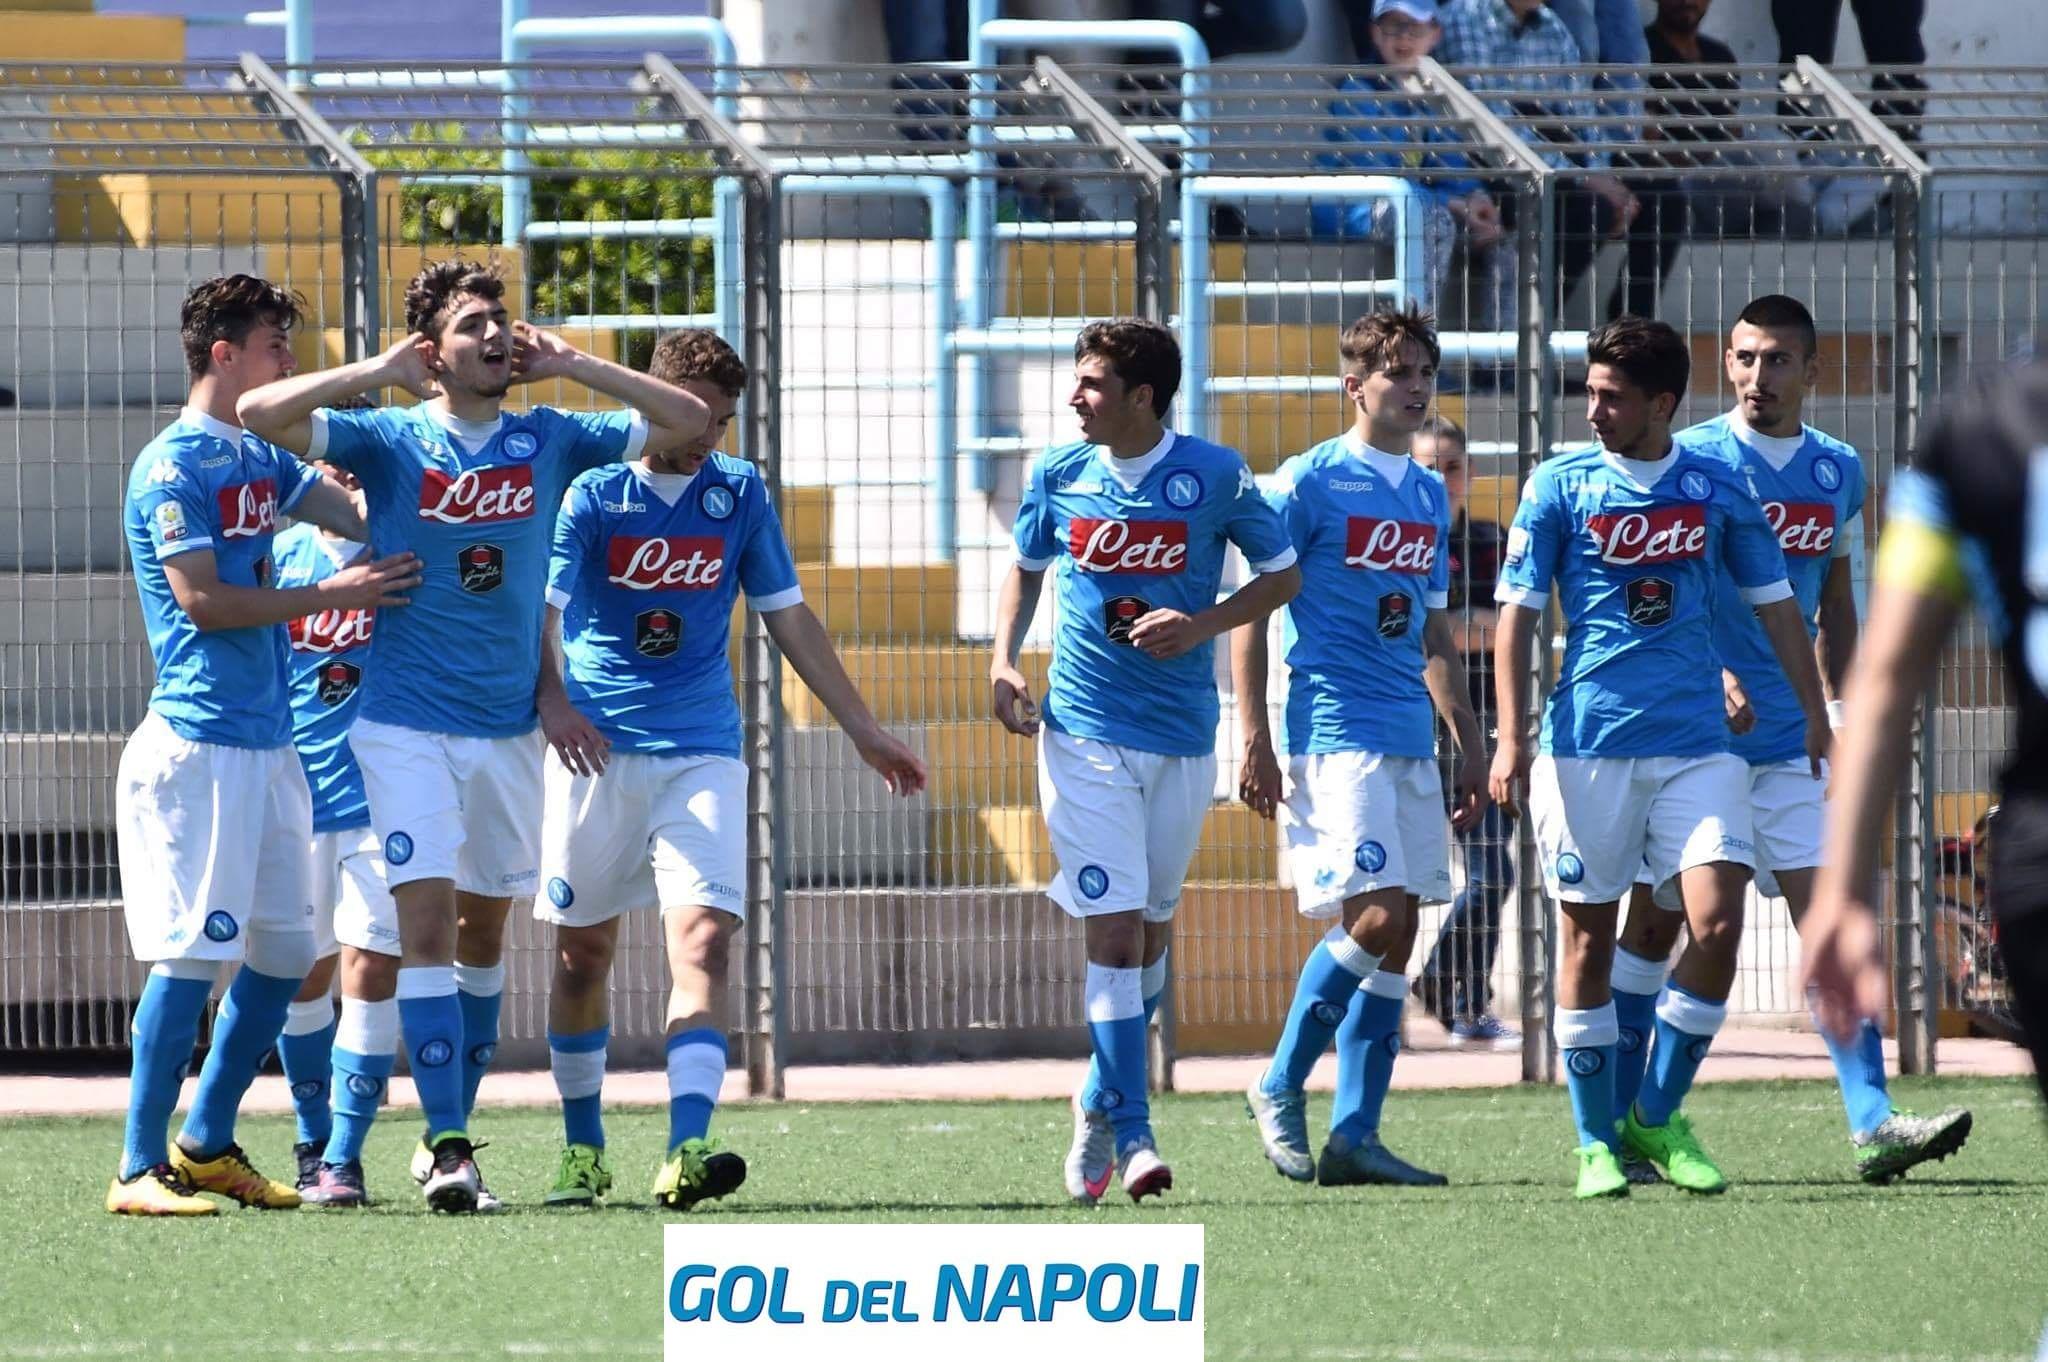 Lazio Primavera Calendario.Primavera Il Calendario Del Campionato Gol Del Napoli